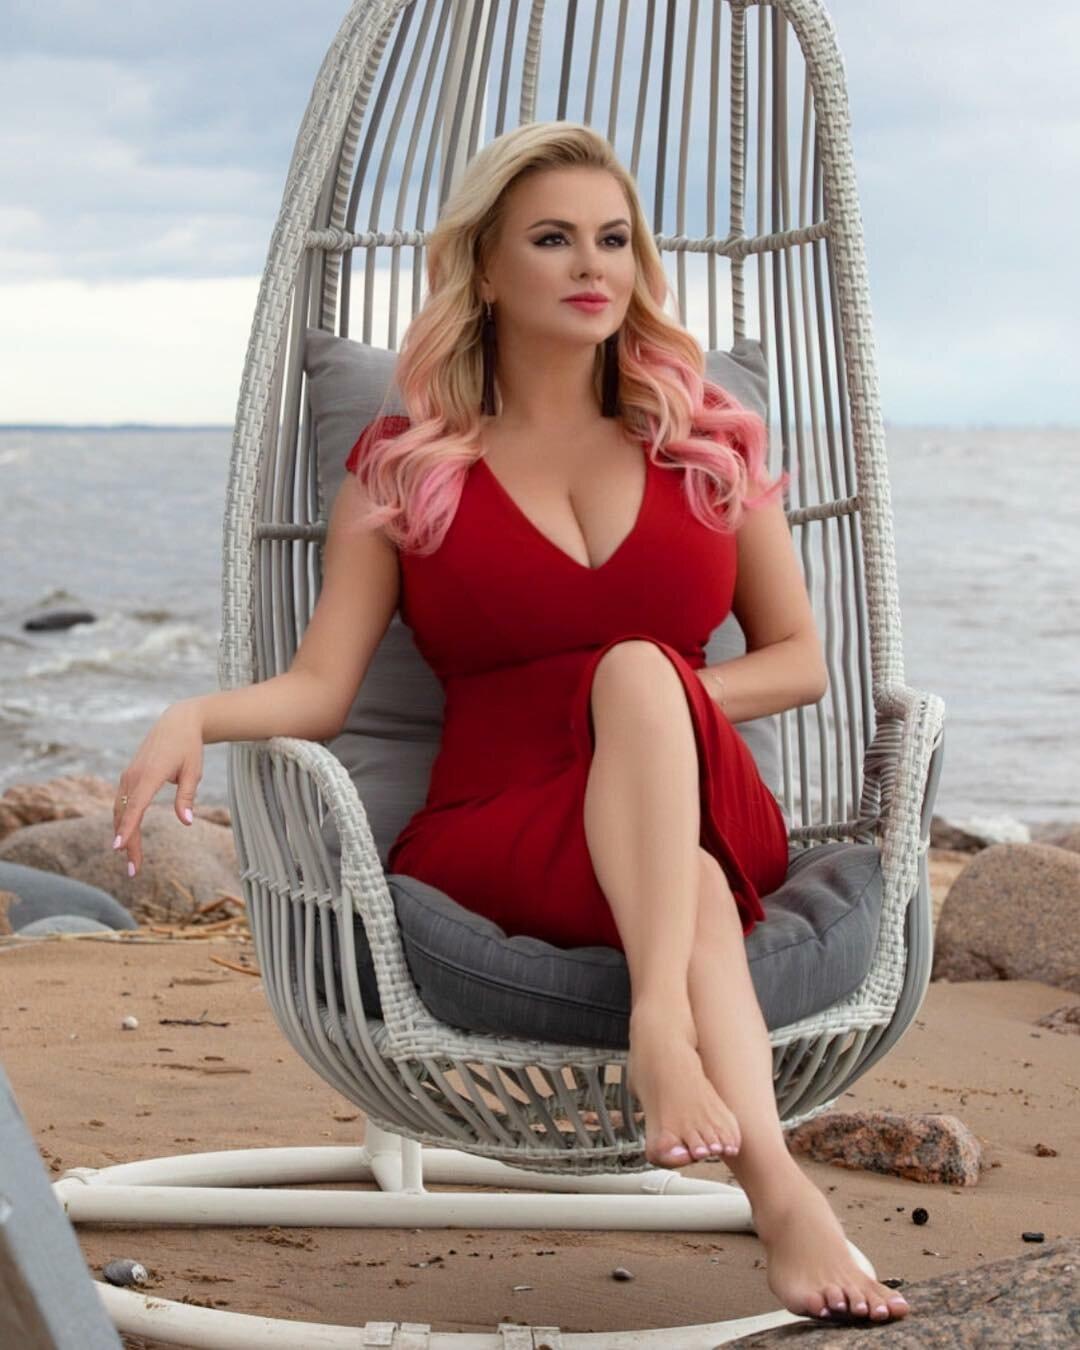 Анна семенович видео, порно страшных русских